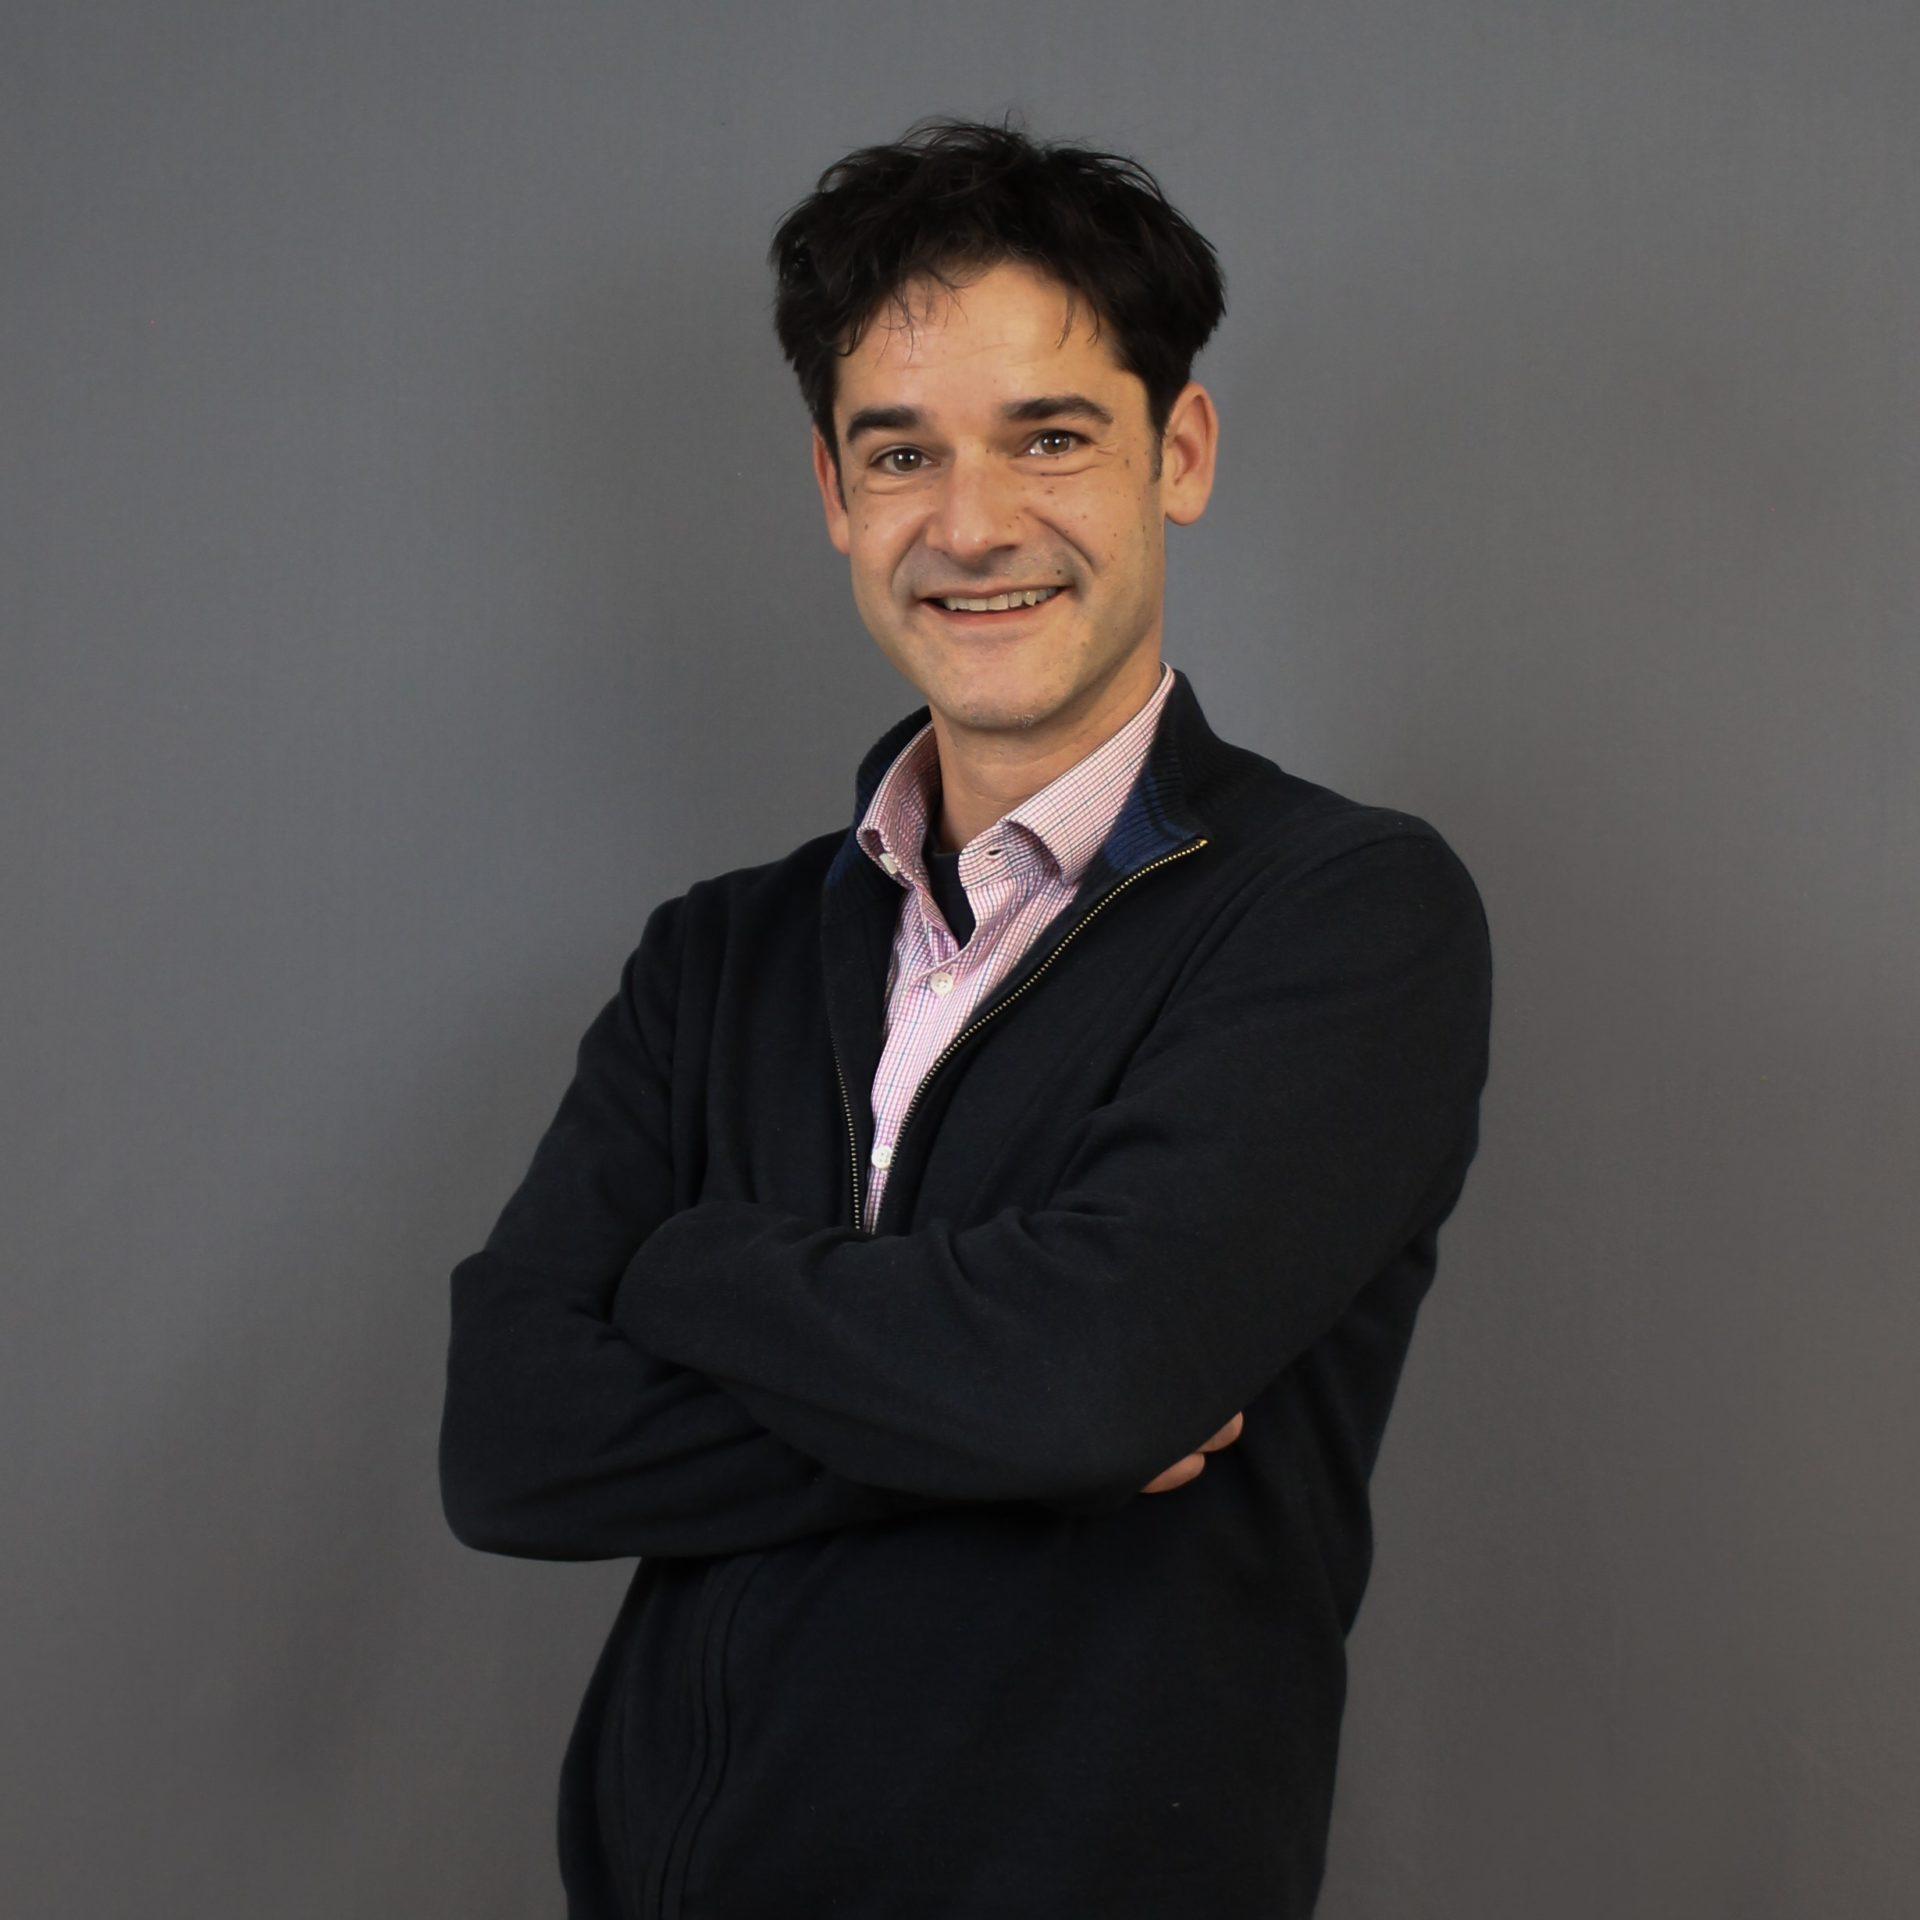 Ein Portrait von Karsten Wabnitz vor einem grauen Hintergrund mit quadratischen Maßen